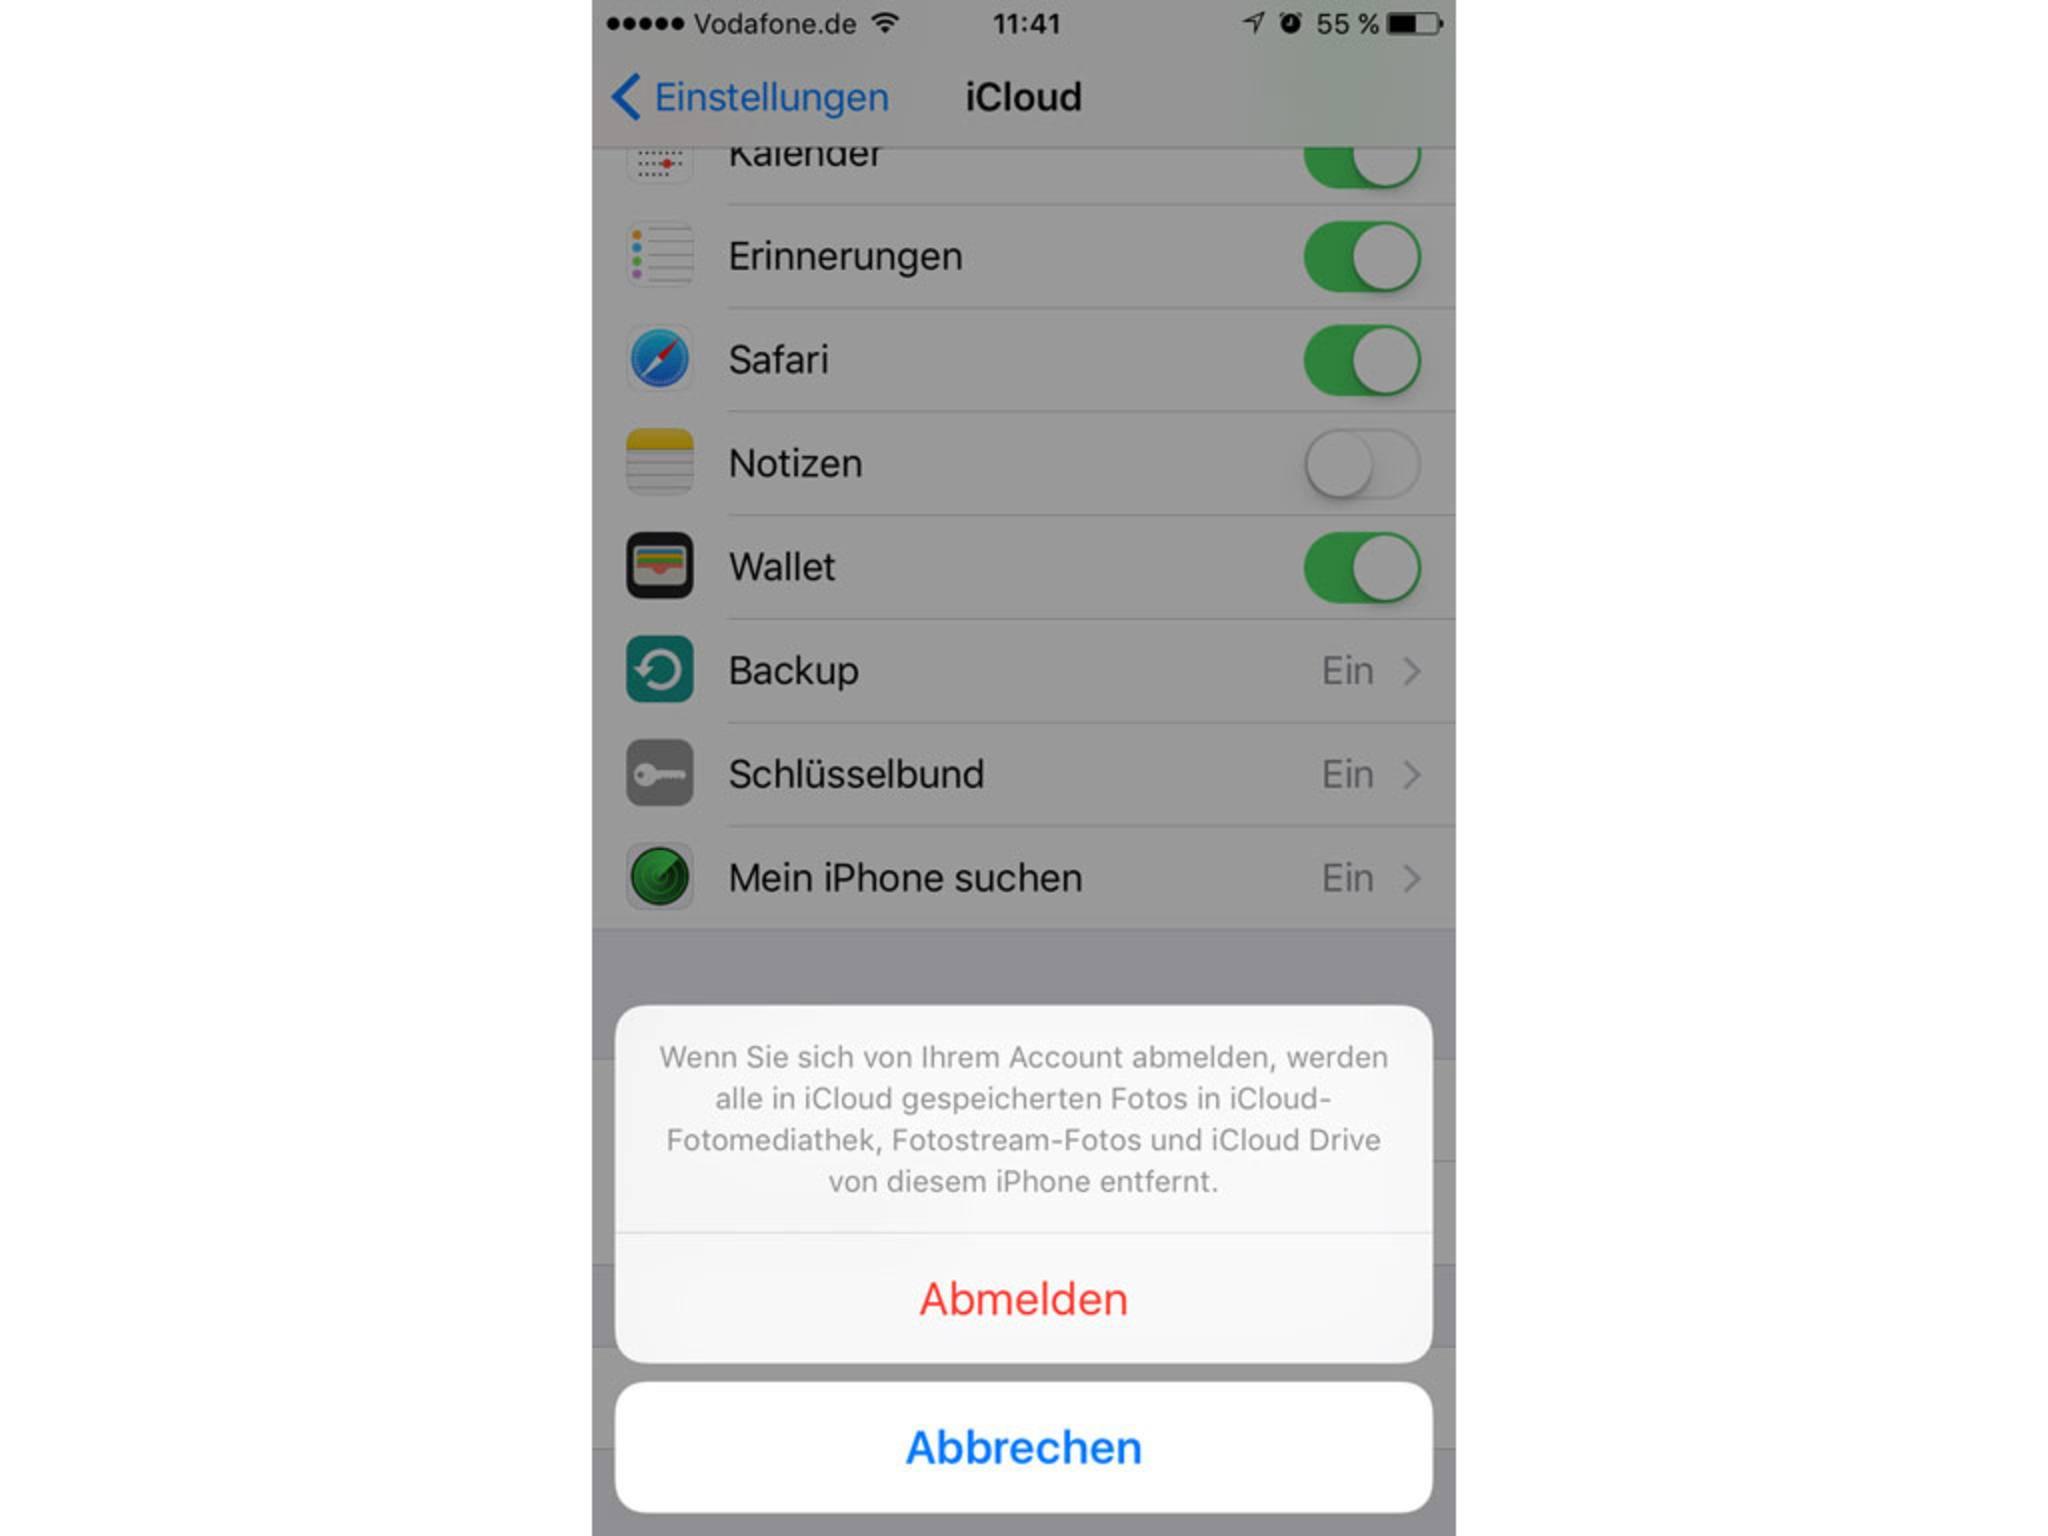 Willst Du Deinen iCloud-Account löschen, muss diese Abfrage bestätigt werden.